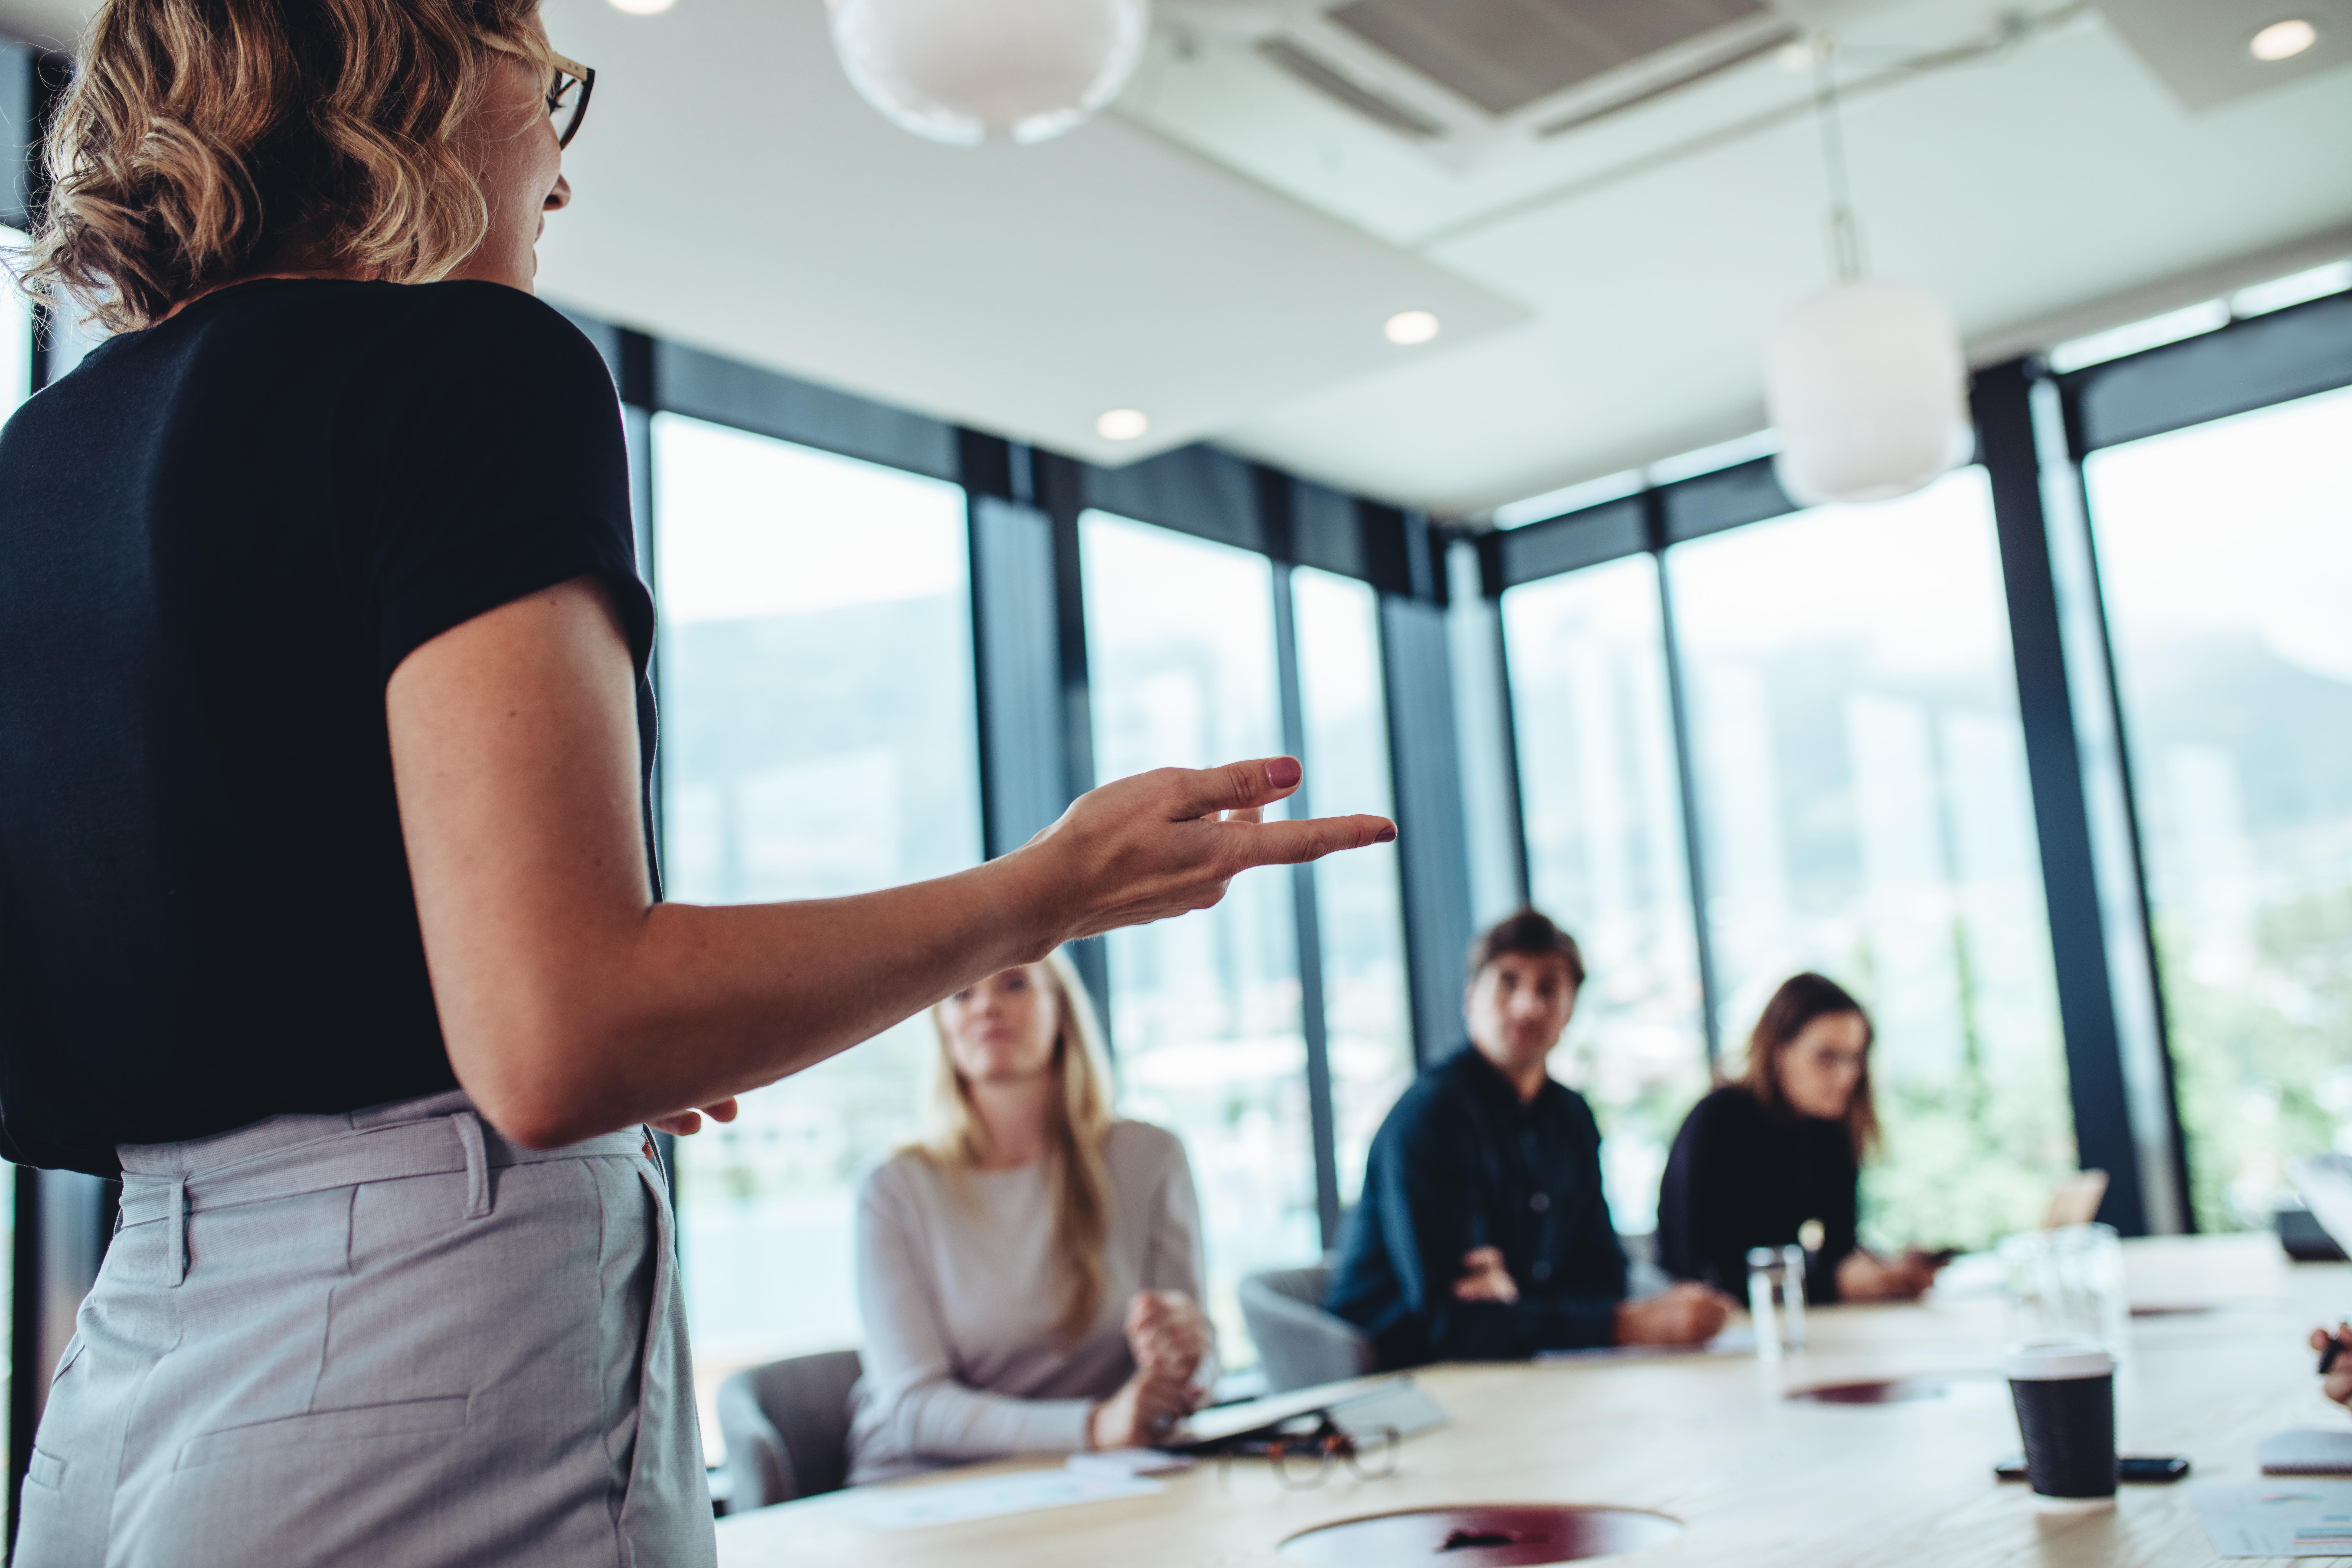 Oser prendre la parole en public, sortir de ses émotions négatives et gagner en assertivité